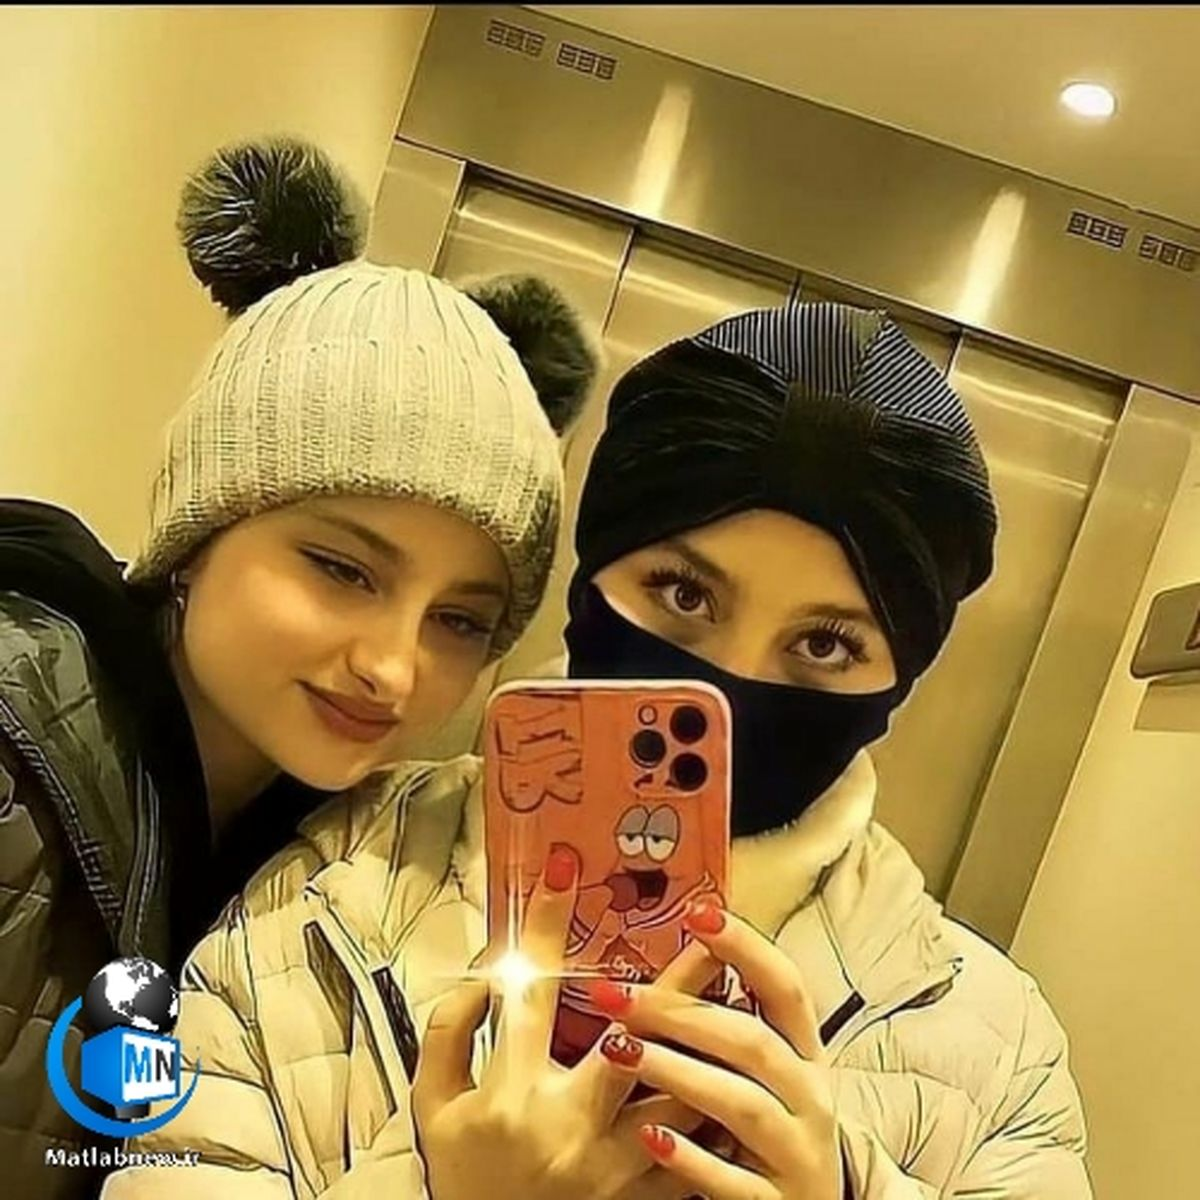 خالکوبی سارا و نیکا جنجال به پا کرد/ خالکوبی منشوری + عکس